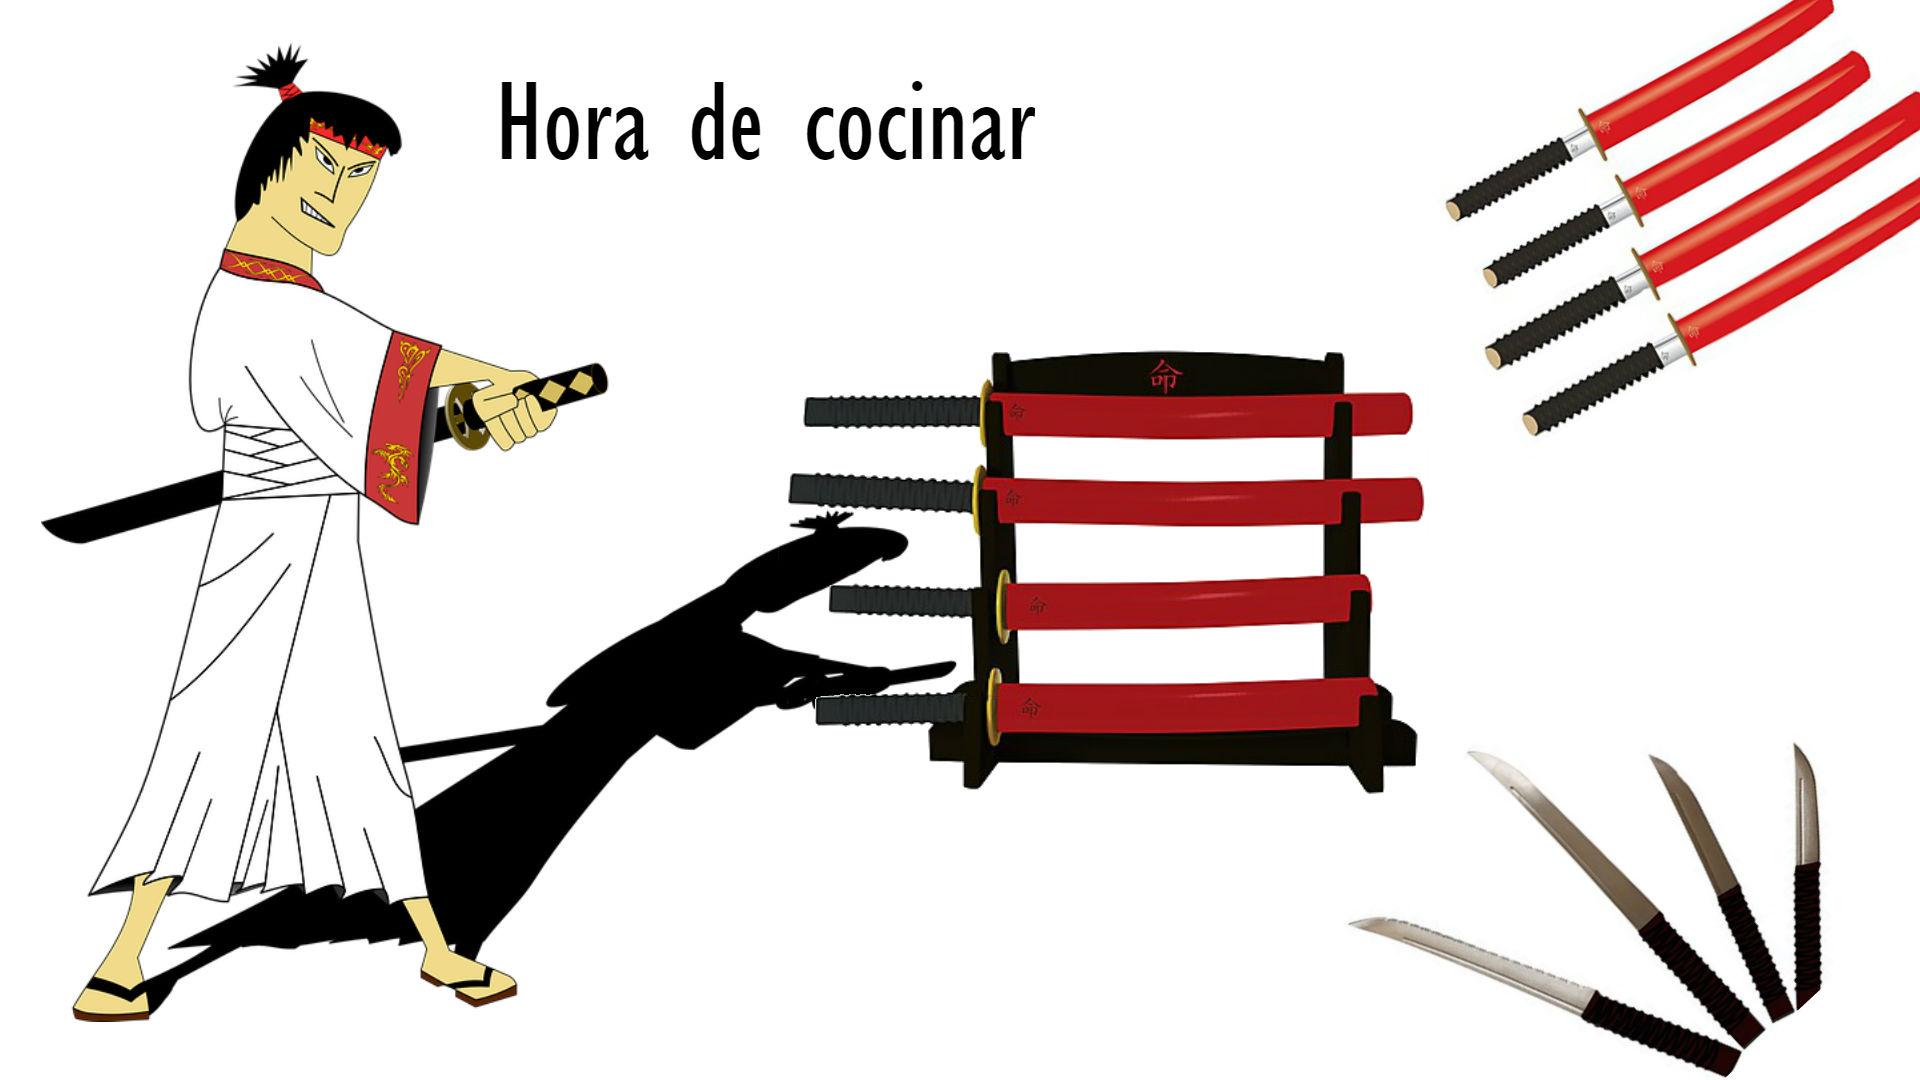 cuchillos_de_cocina_samurai.jpg